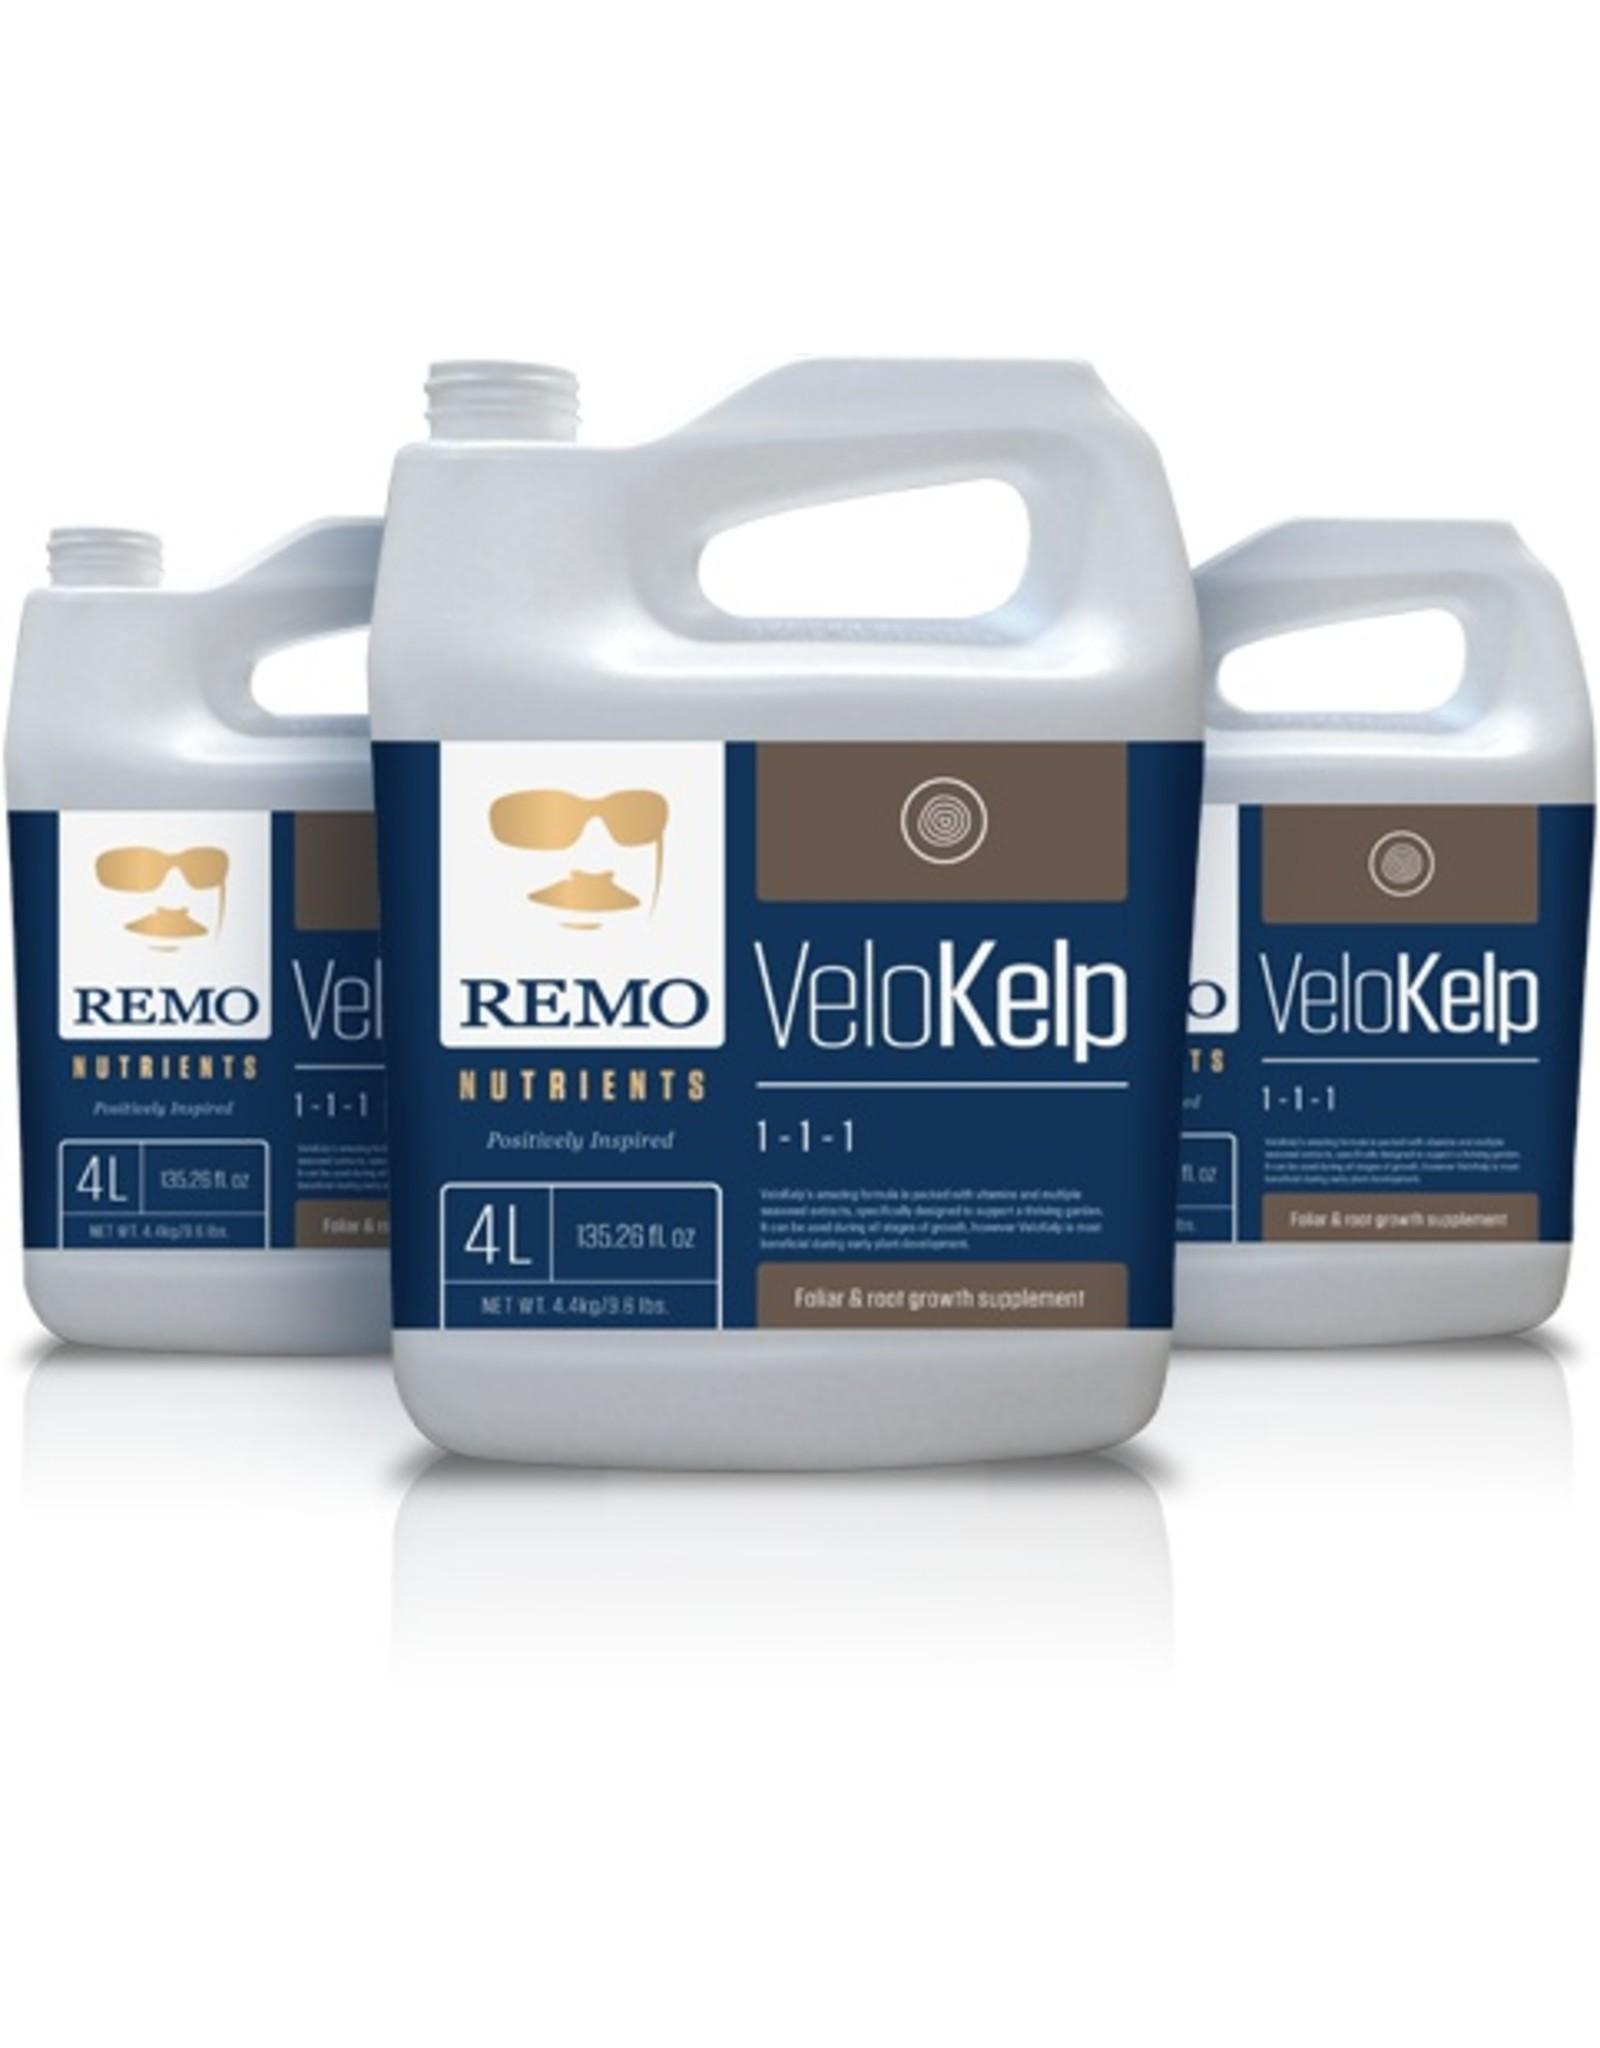 Remo VeloKelp, 1 L